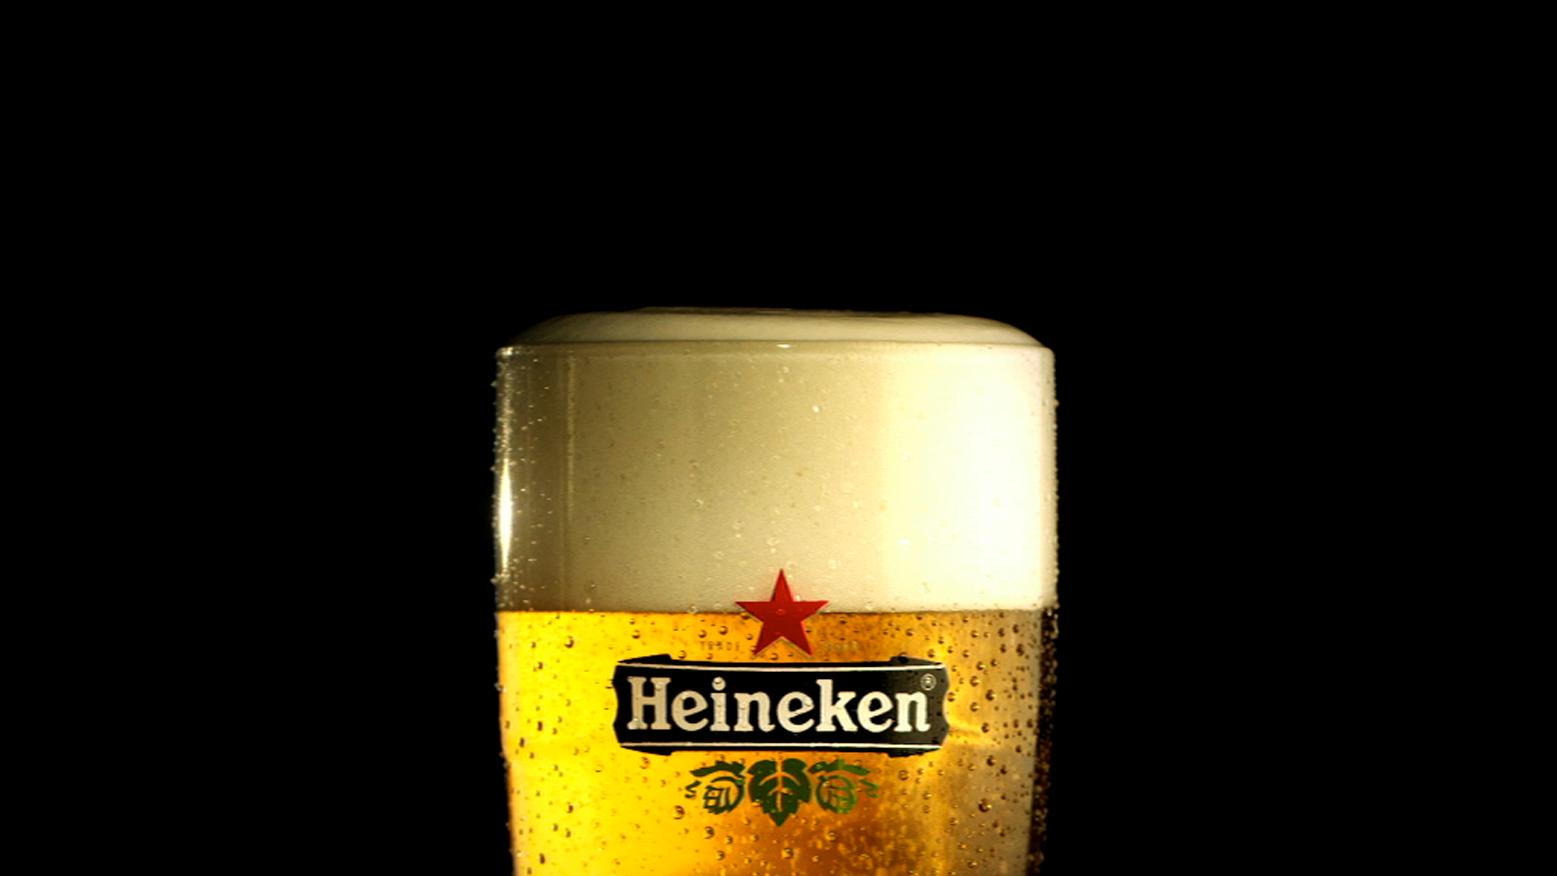 Heineken - Yeast